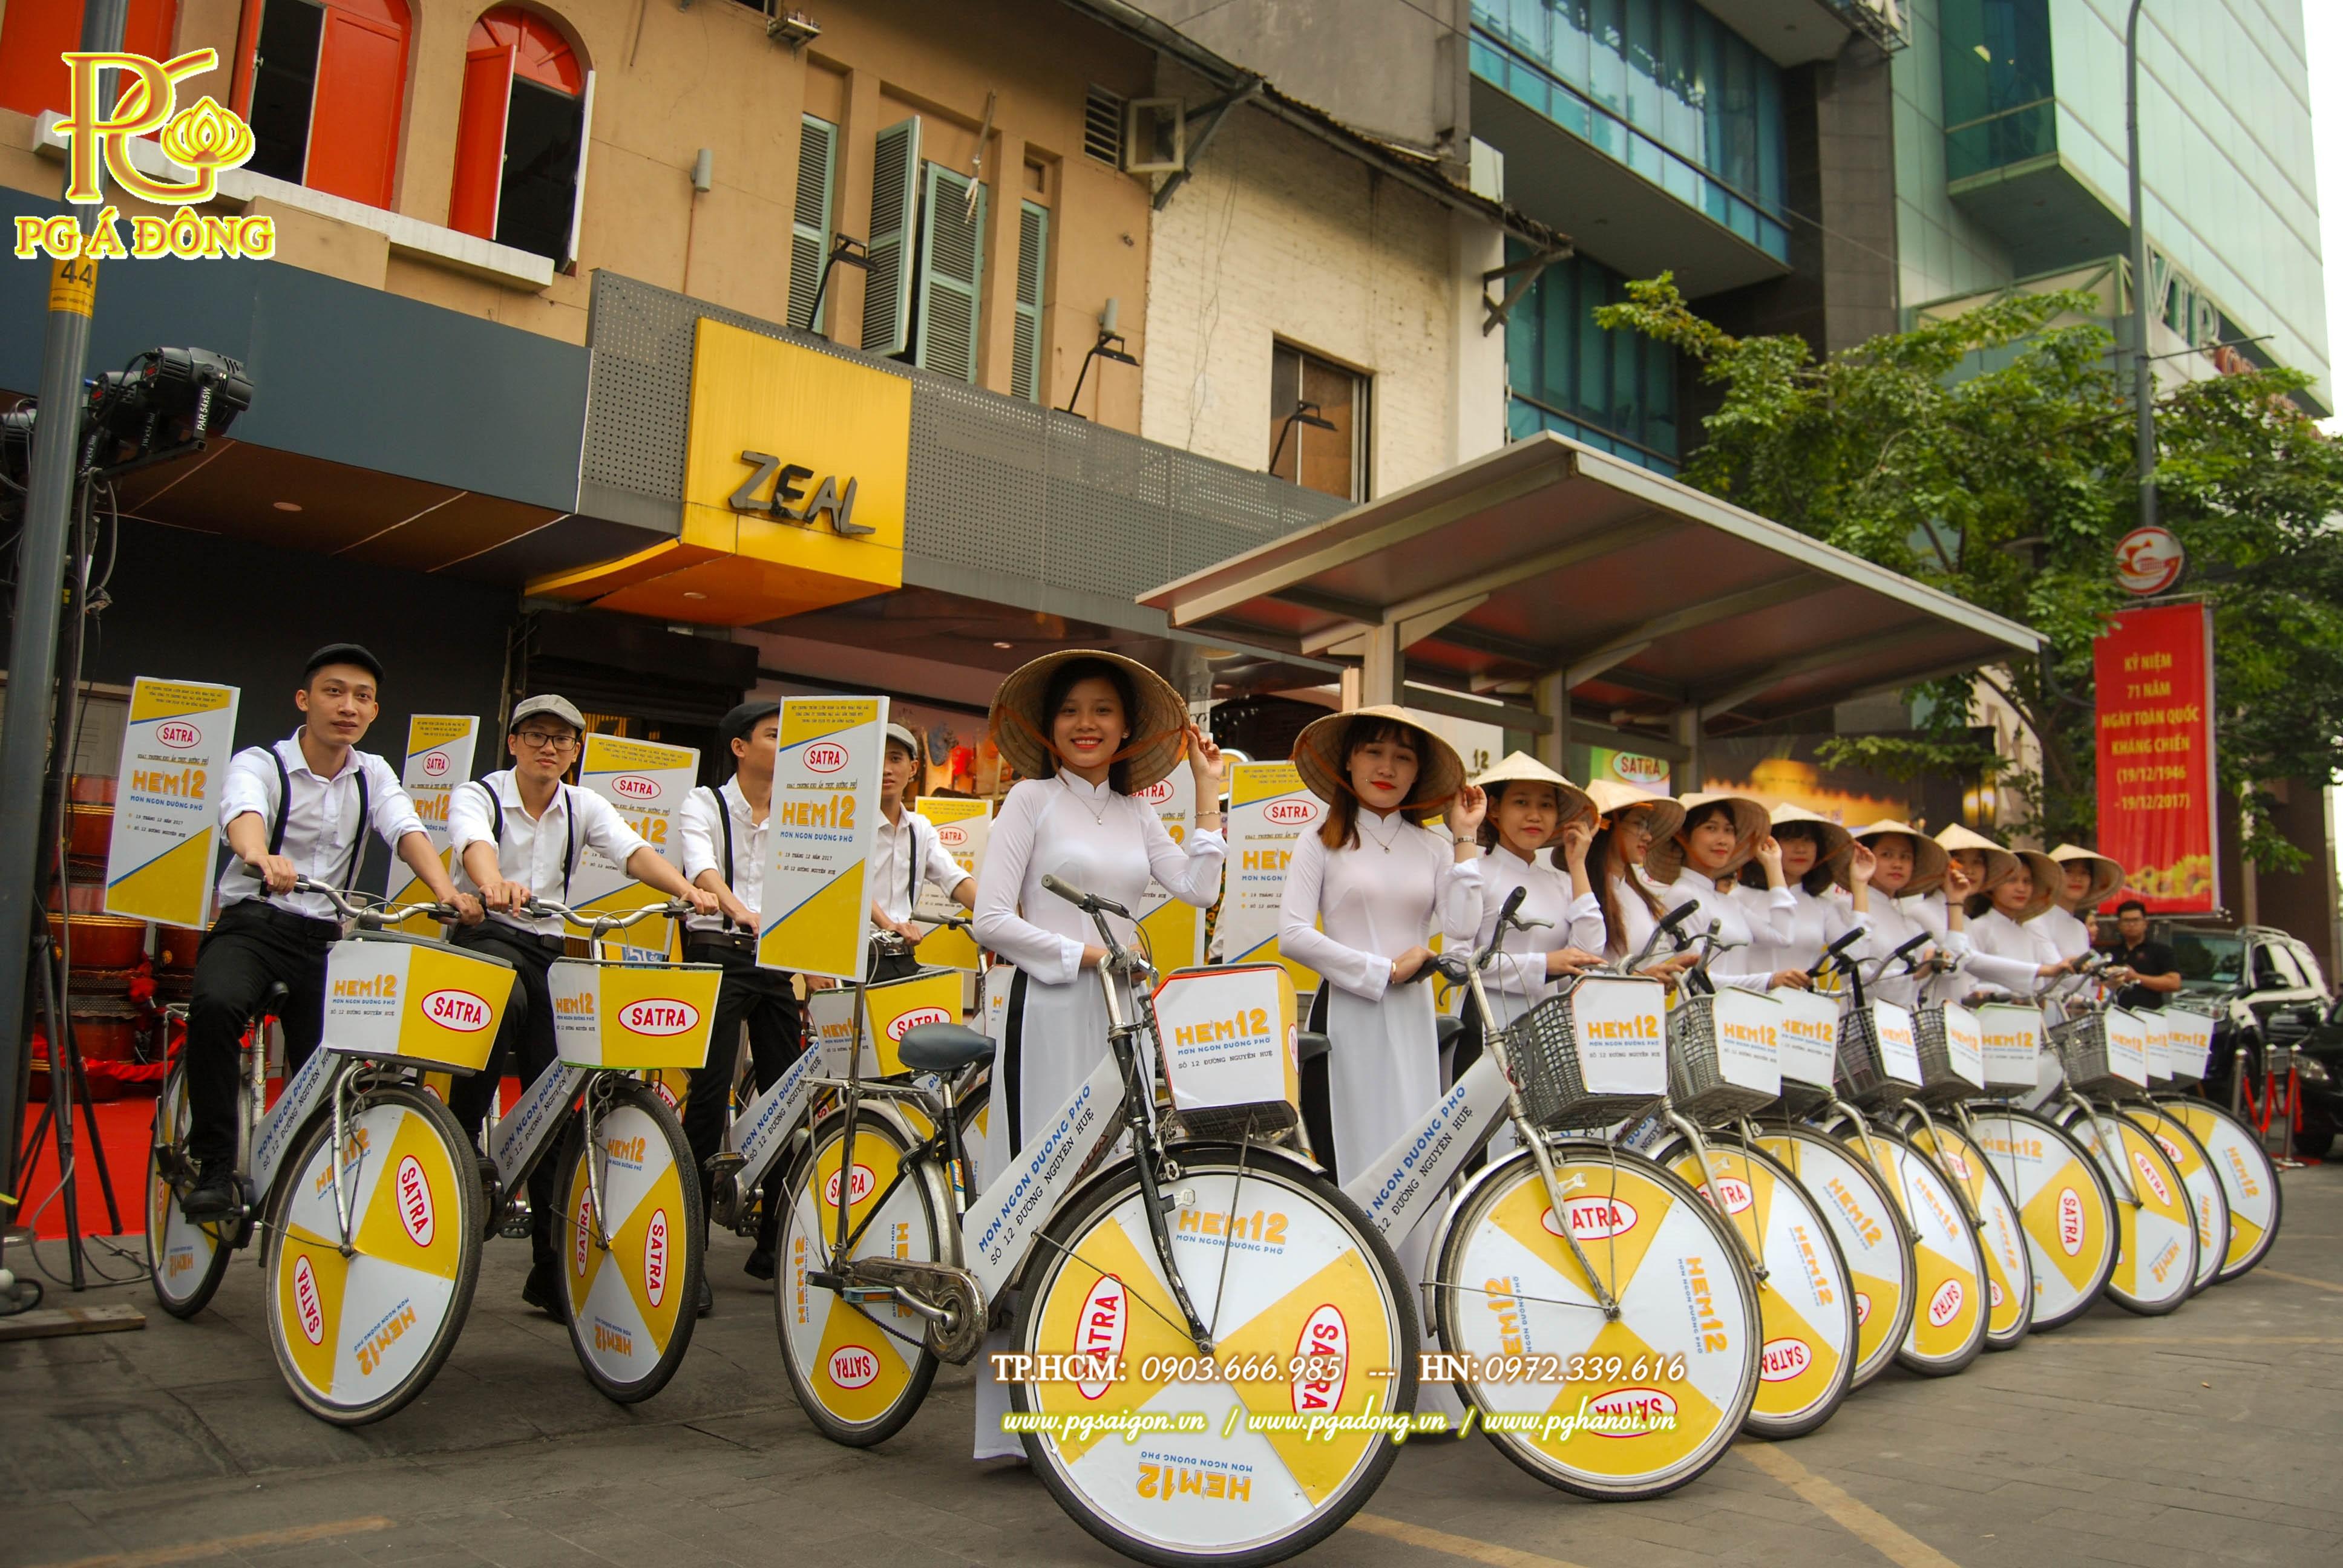 Đoàn roadshow xe đạp tại Hẻm 12 Nguyễn Huệ